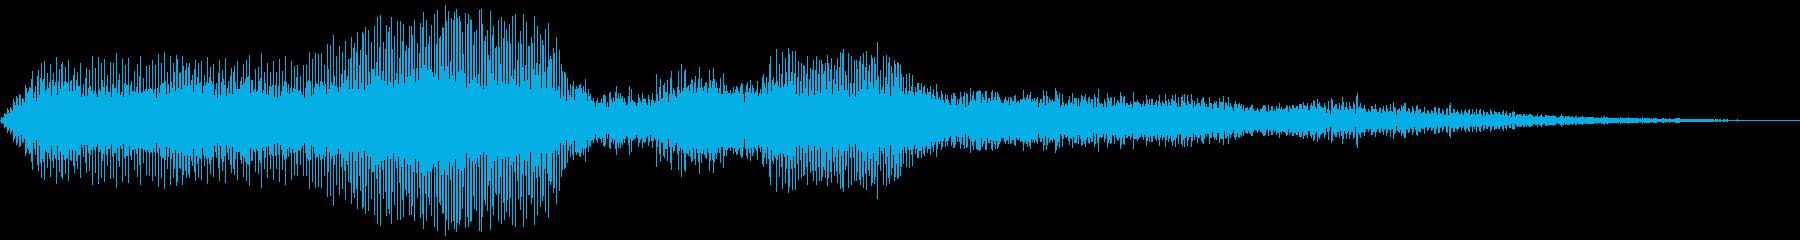 滑走路で動き始める複葉機の再生済みの波形